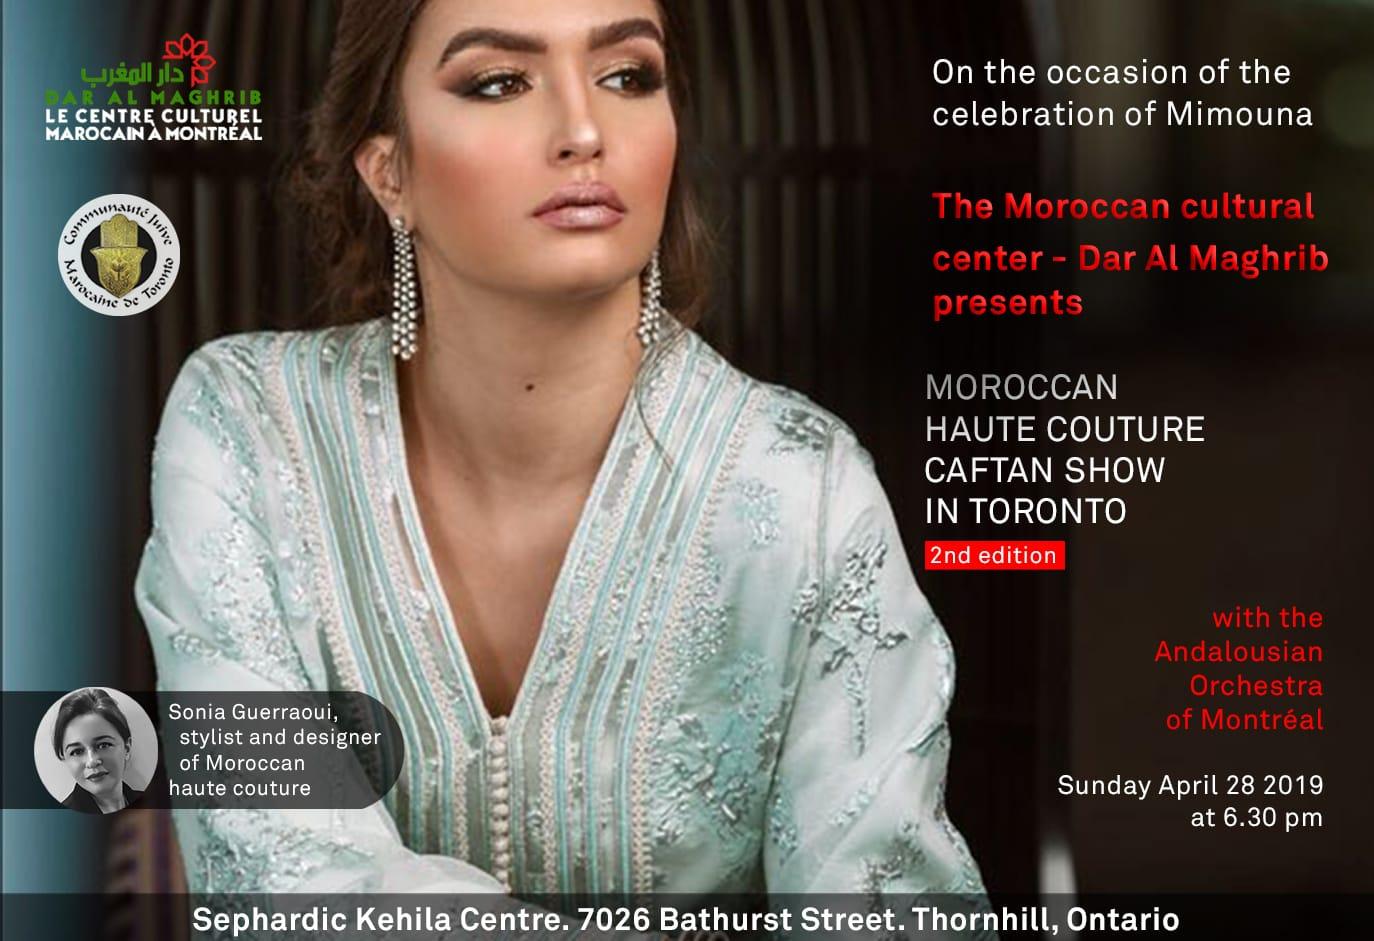 La deuxième édition 2019 du Moroccan Haute Couture Caftan Show in Toronto